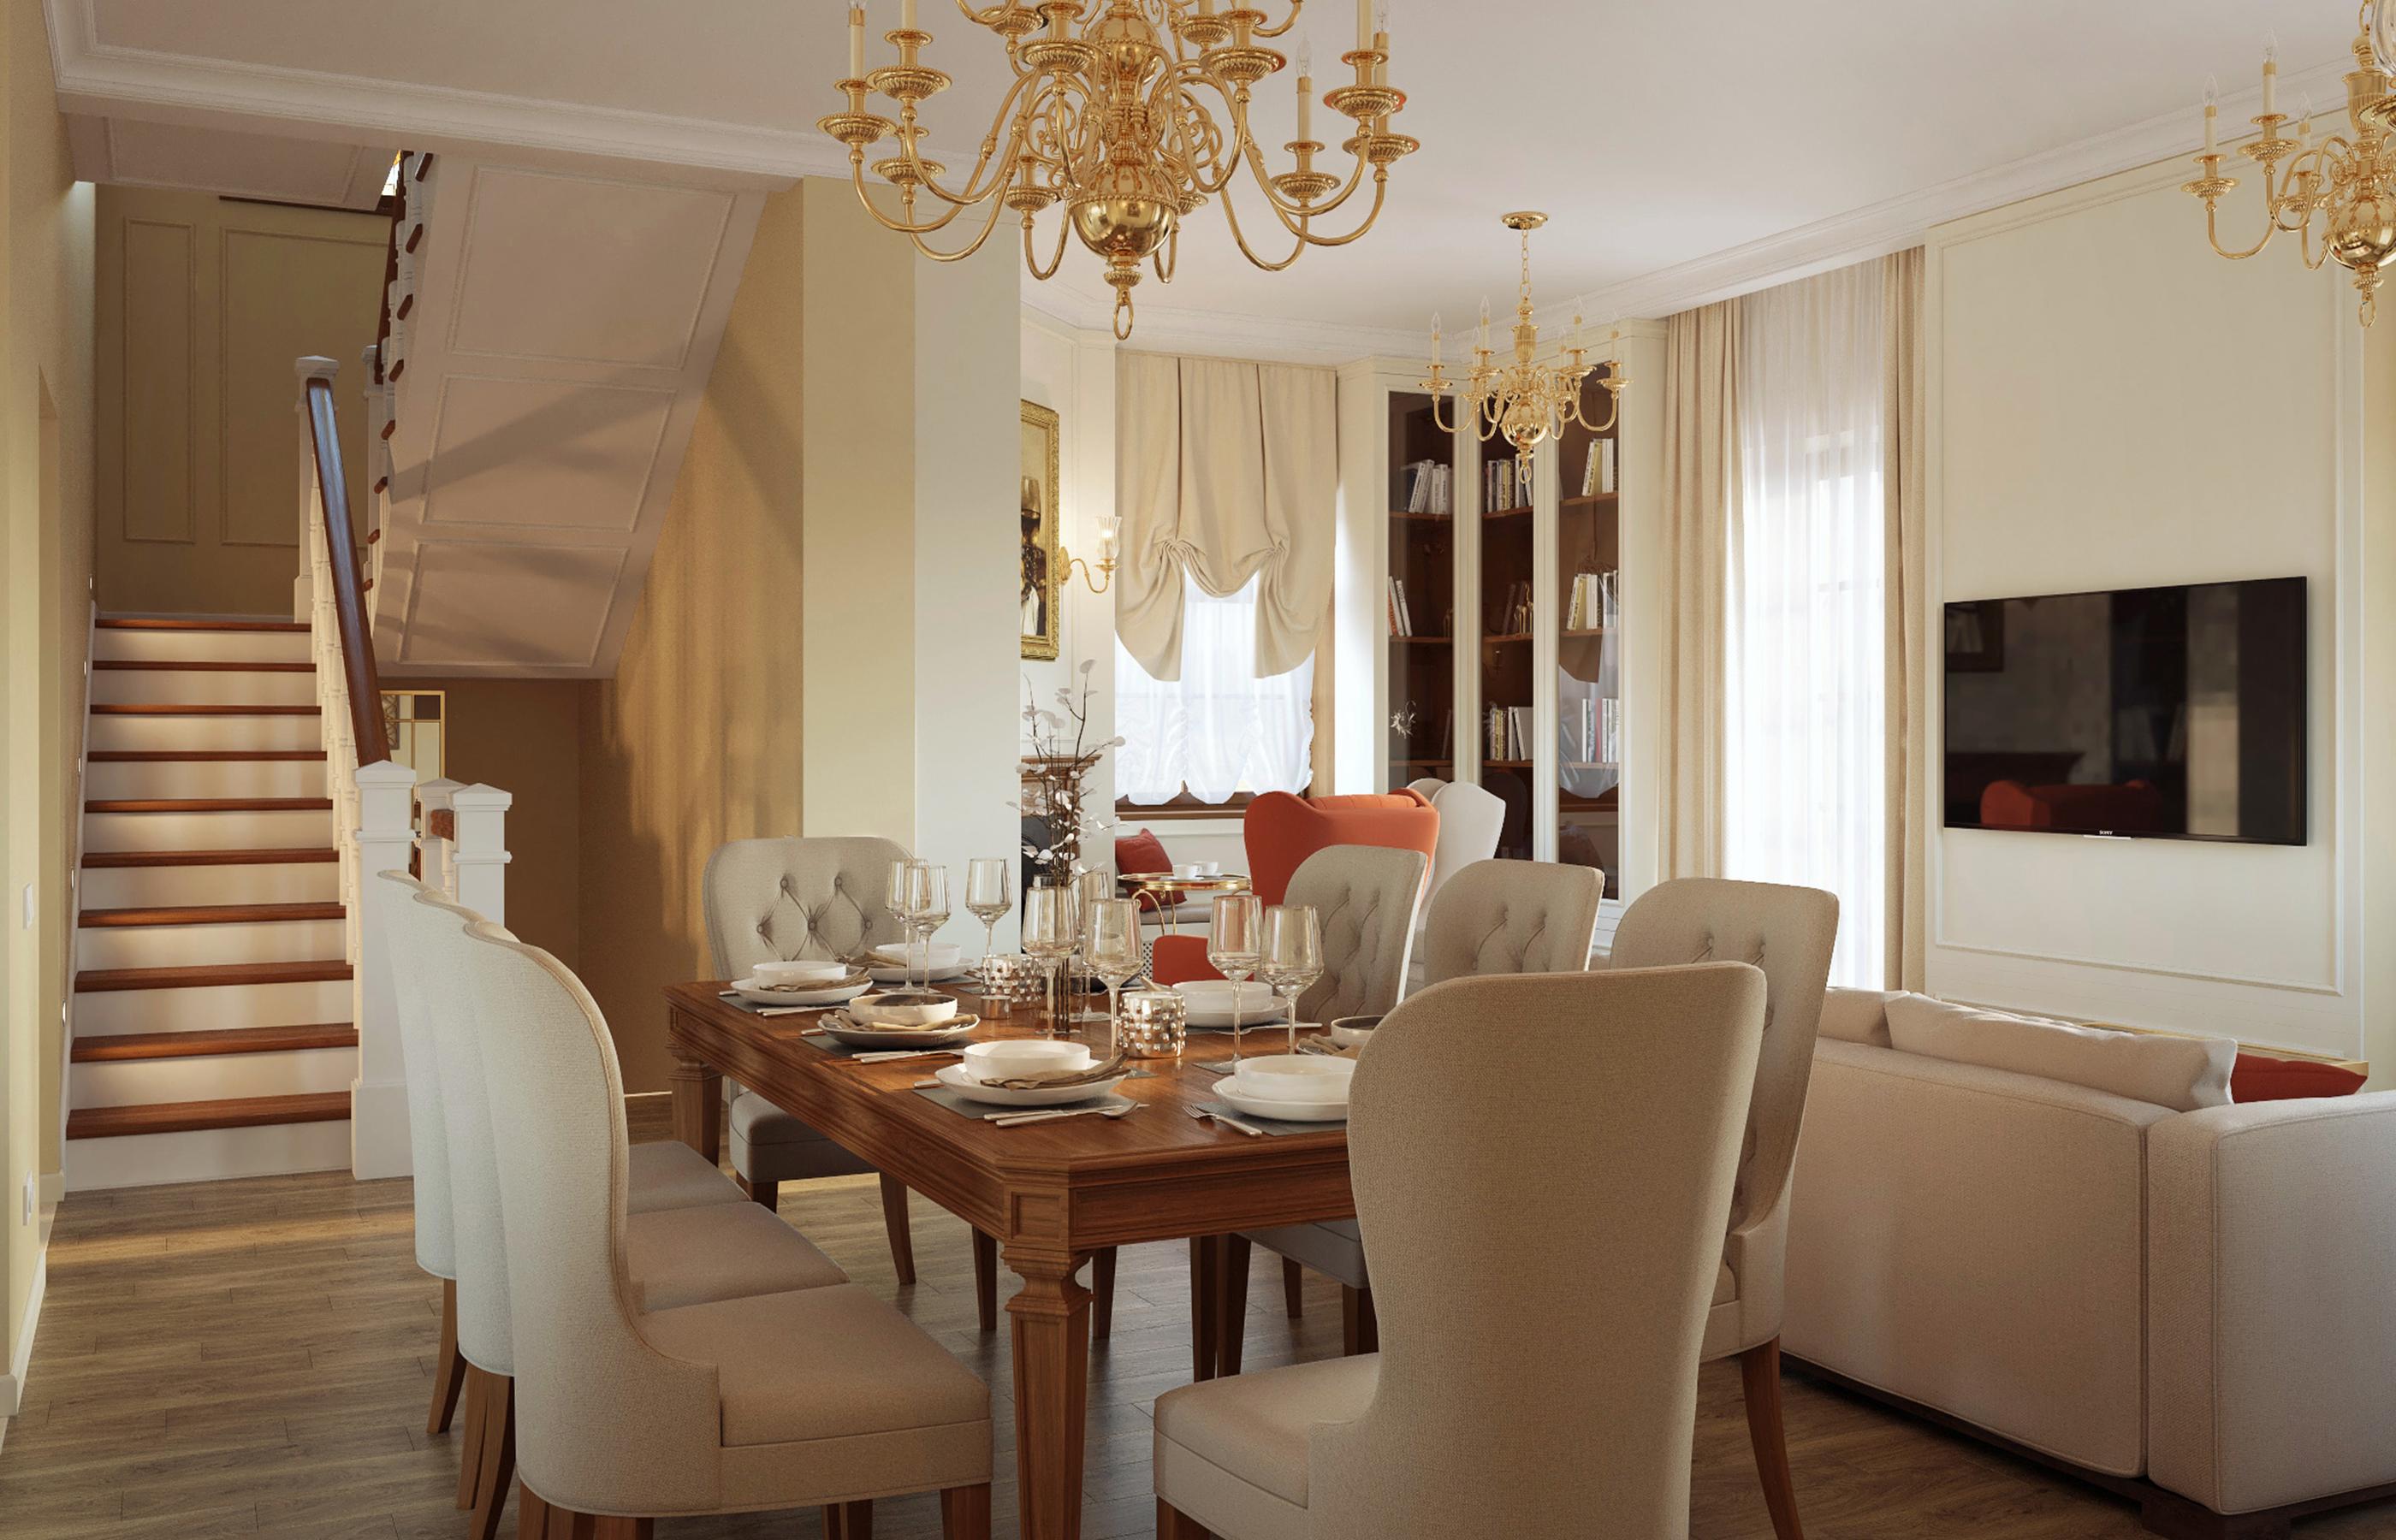 Гостиная - сердце дома, место где семья собирается за большим столом